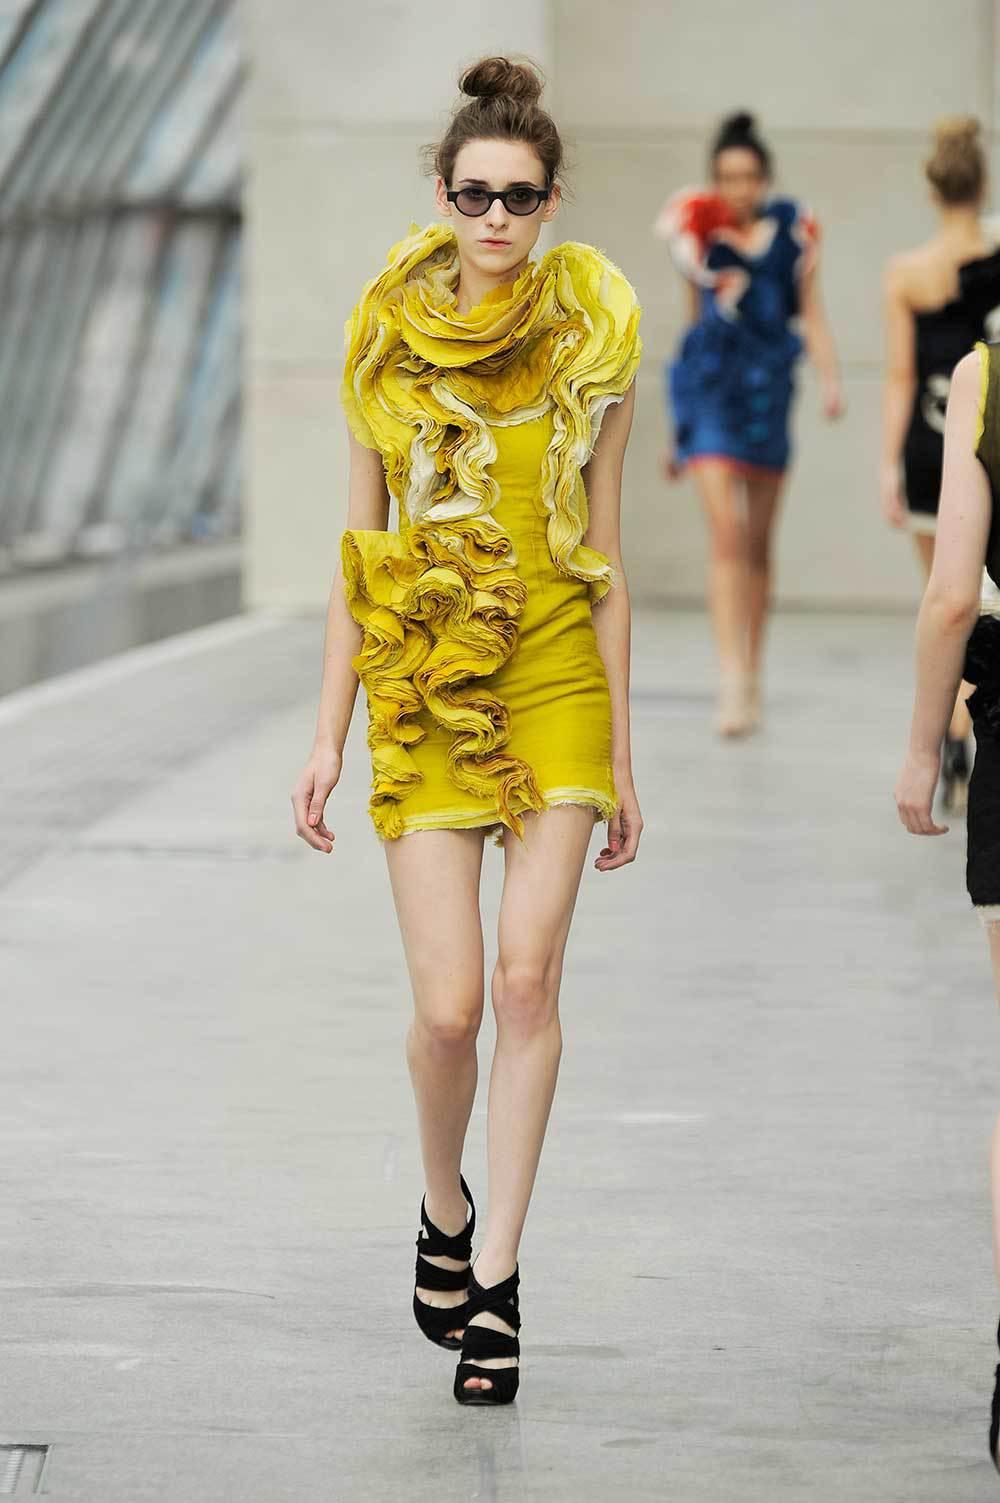 Felicity-Brown-SS11-10-Mustard-Ruffle-Dress.jpg